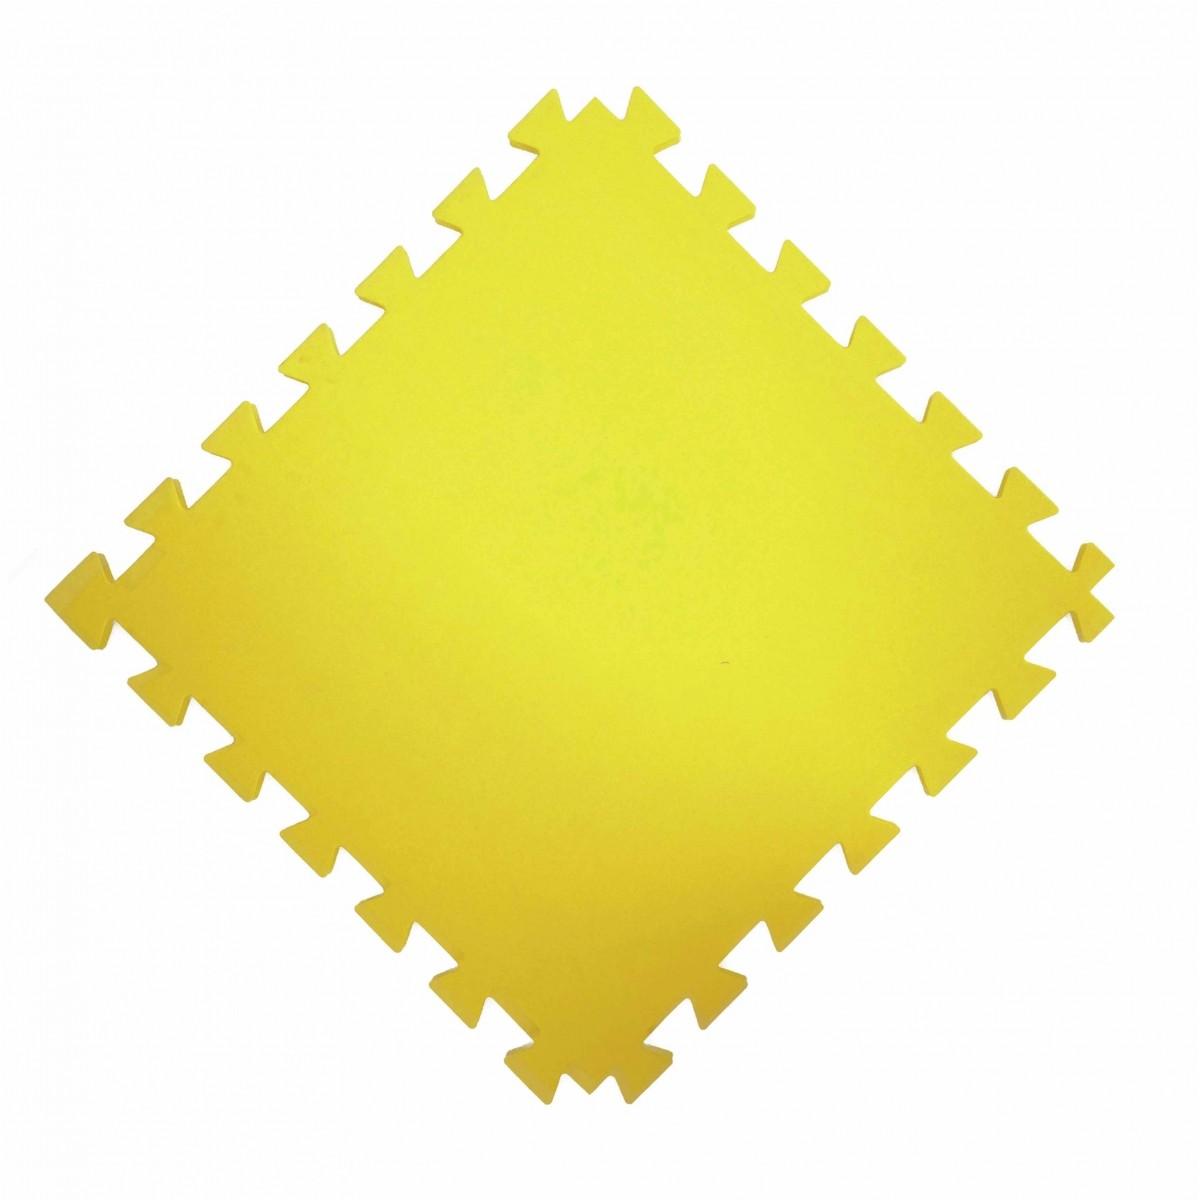 Tatame  100x100cm Com 10mm de Espessura  Amarelo  - Brindes Visão loja